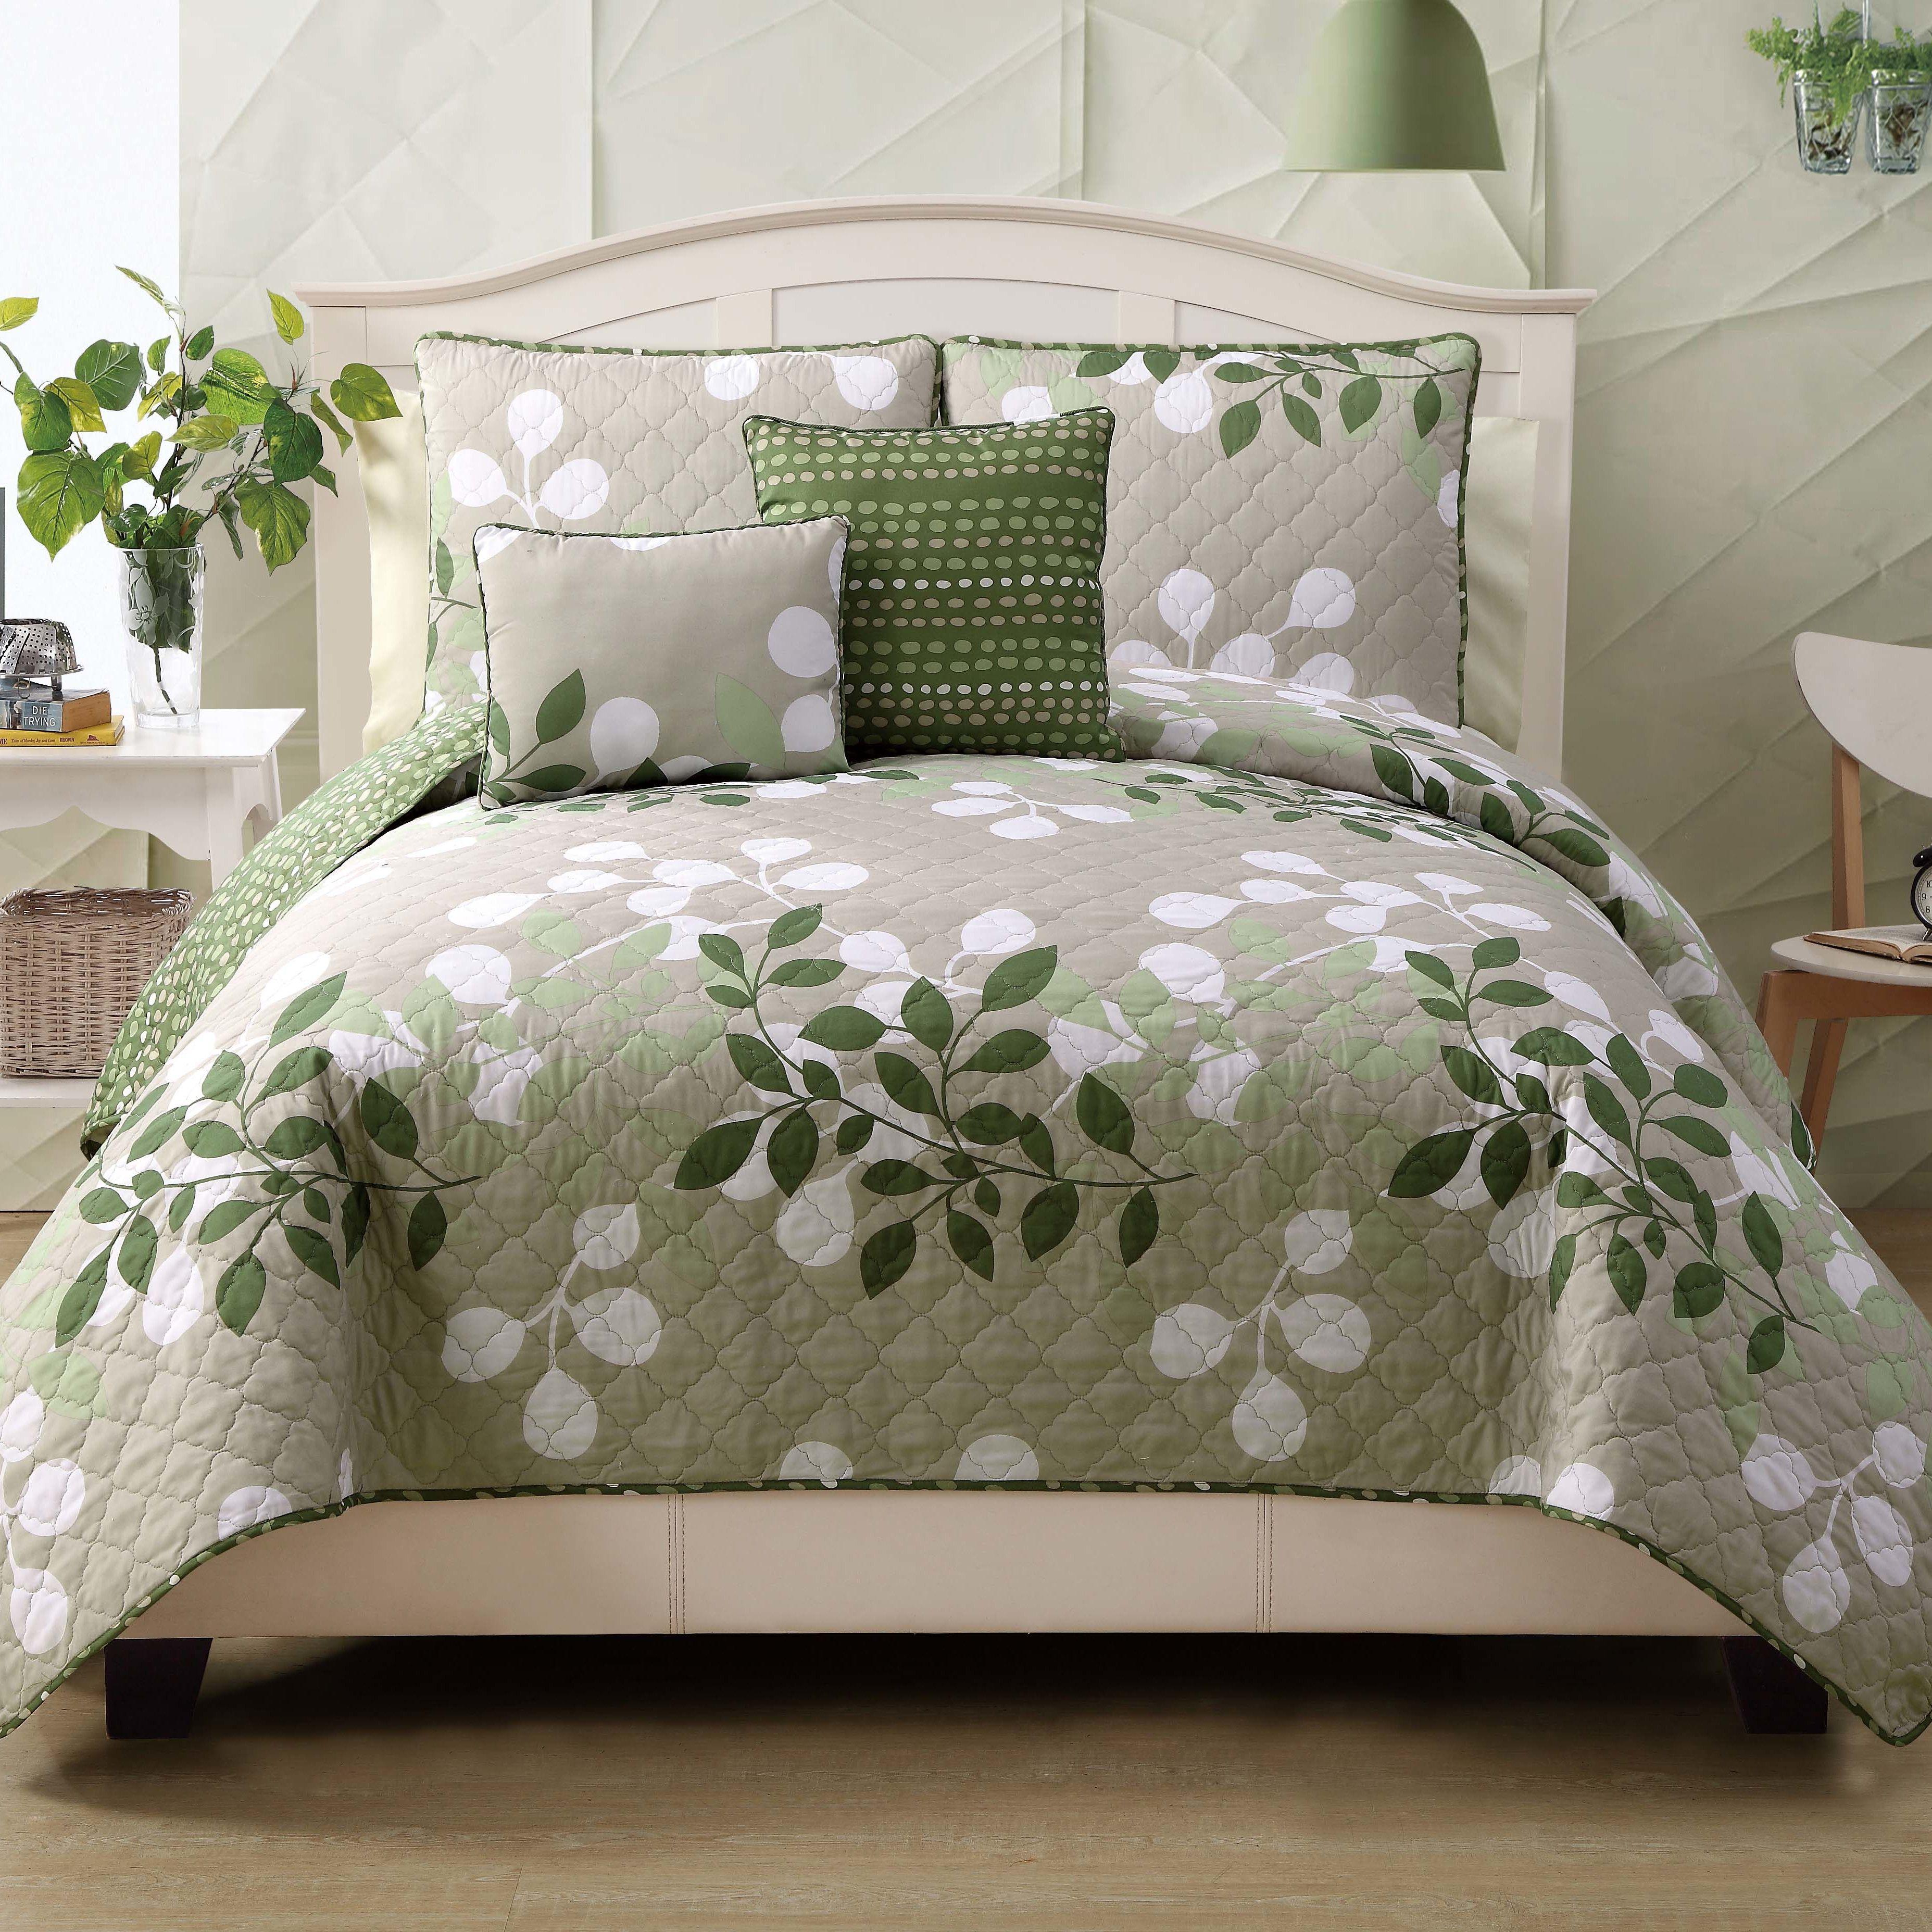 Elory quilt at Wayfair